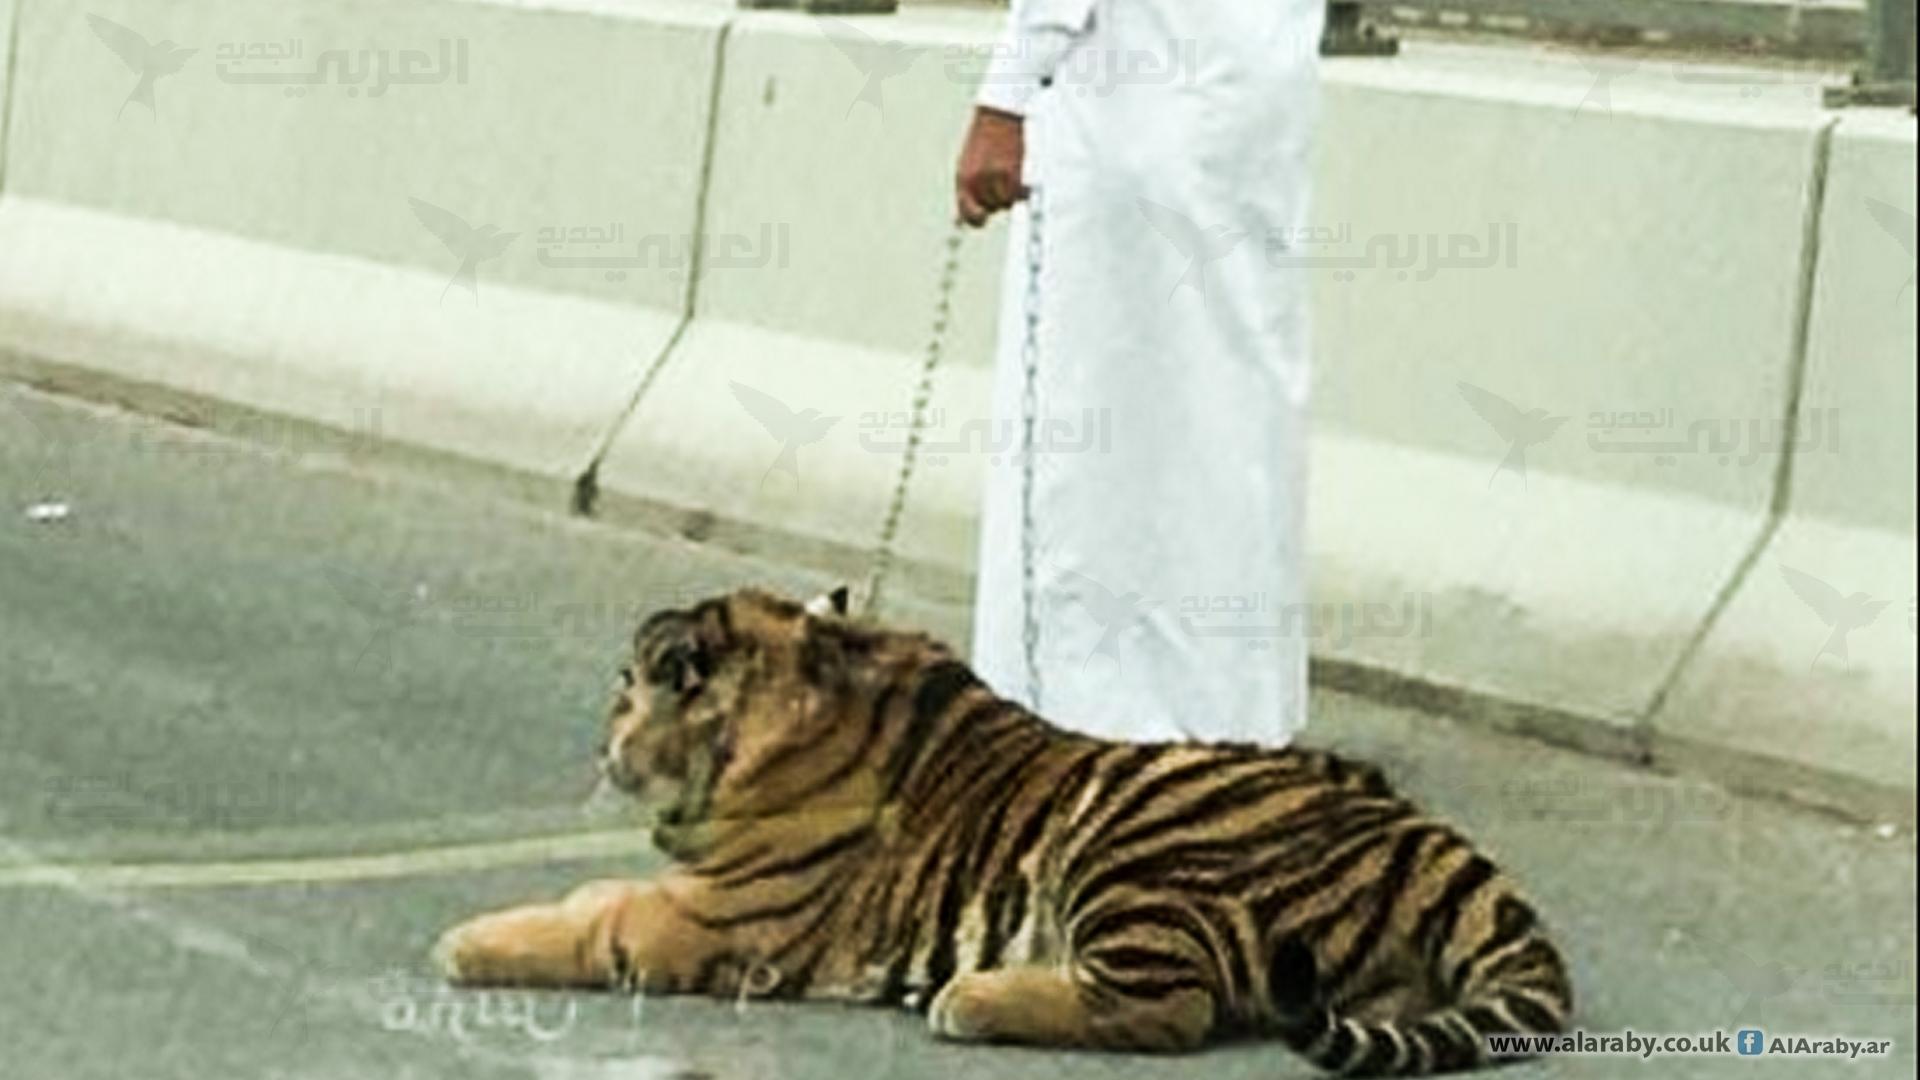 اقتناء الحيوانات المفترسة في قطر نمر في شوارعنا